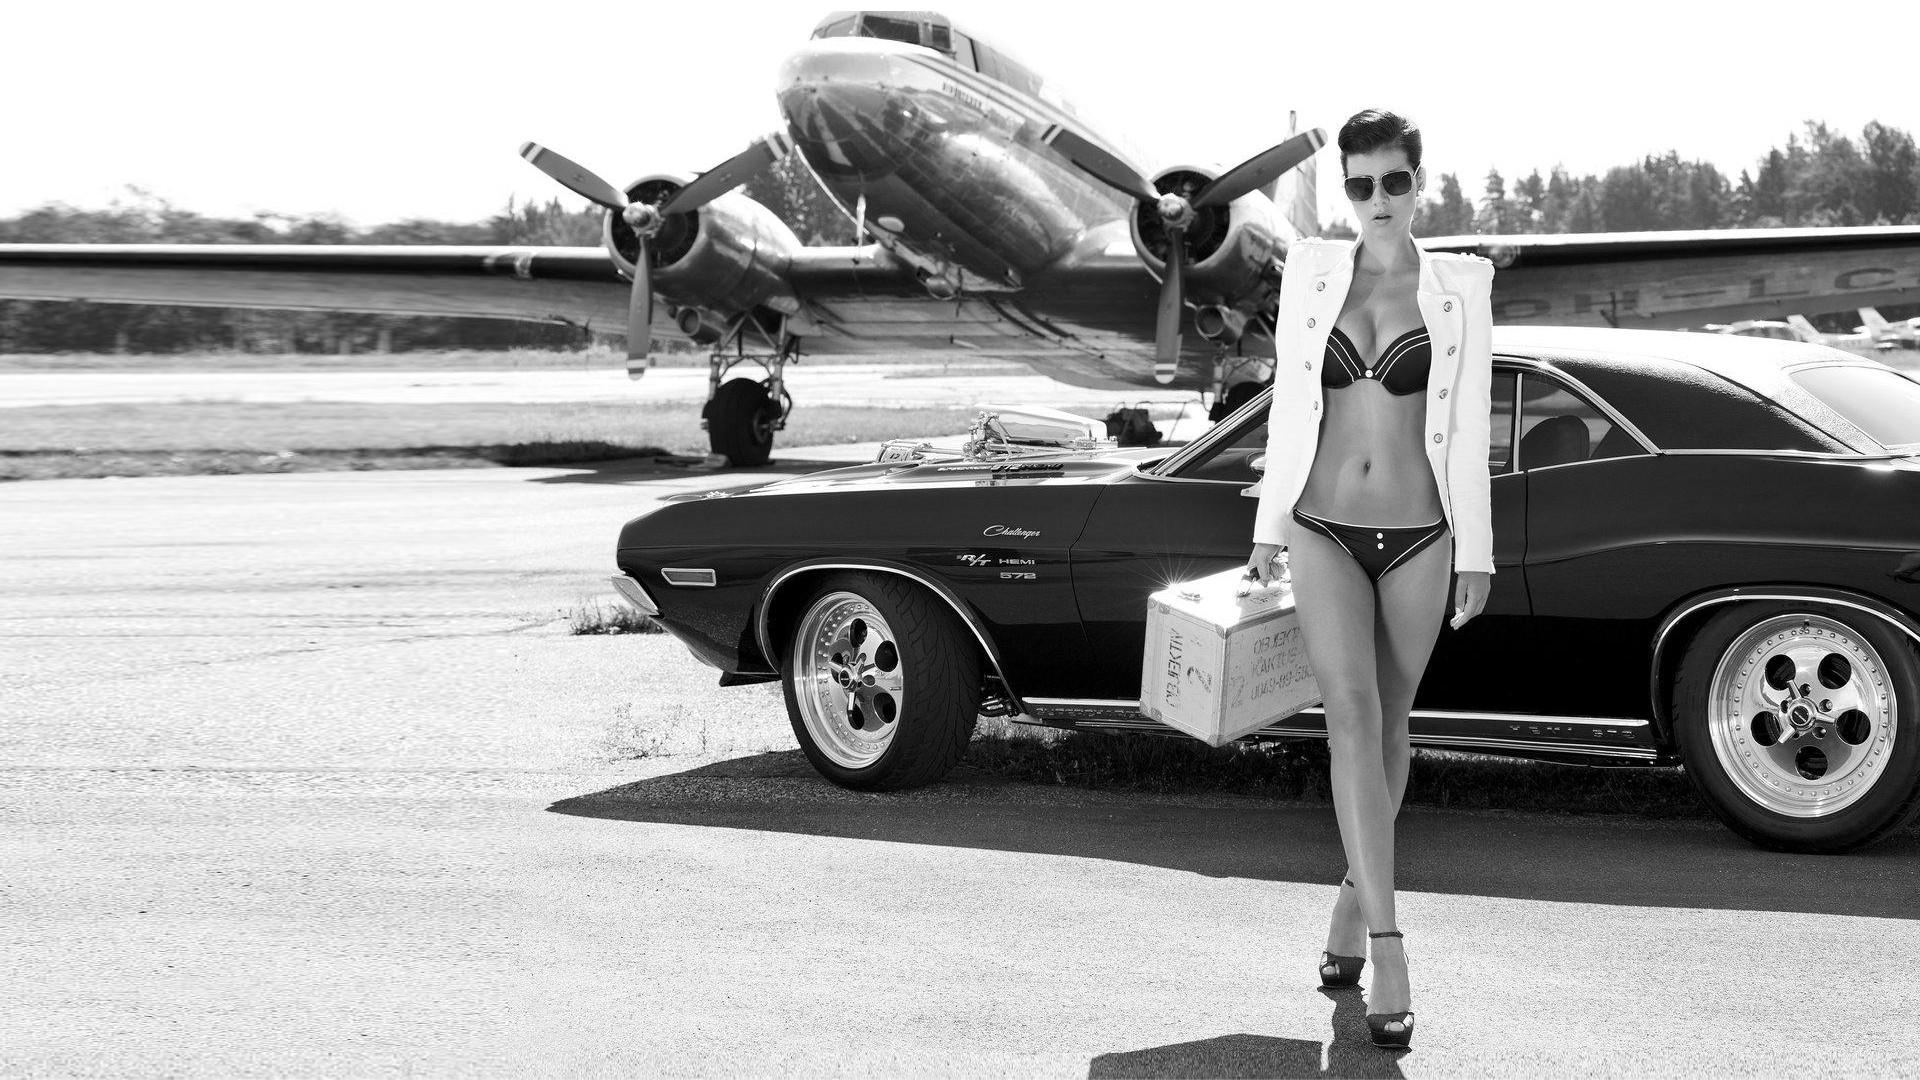 Dodge Challenger women muscle cars model black aircraft wallpaper |  | 29268 | WallpaperUP